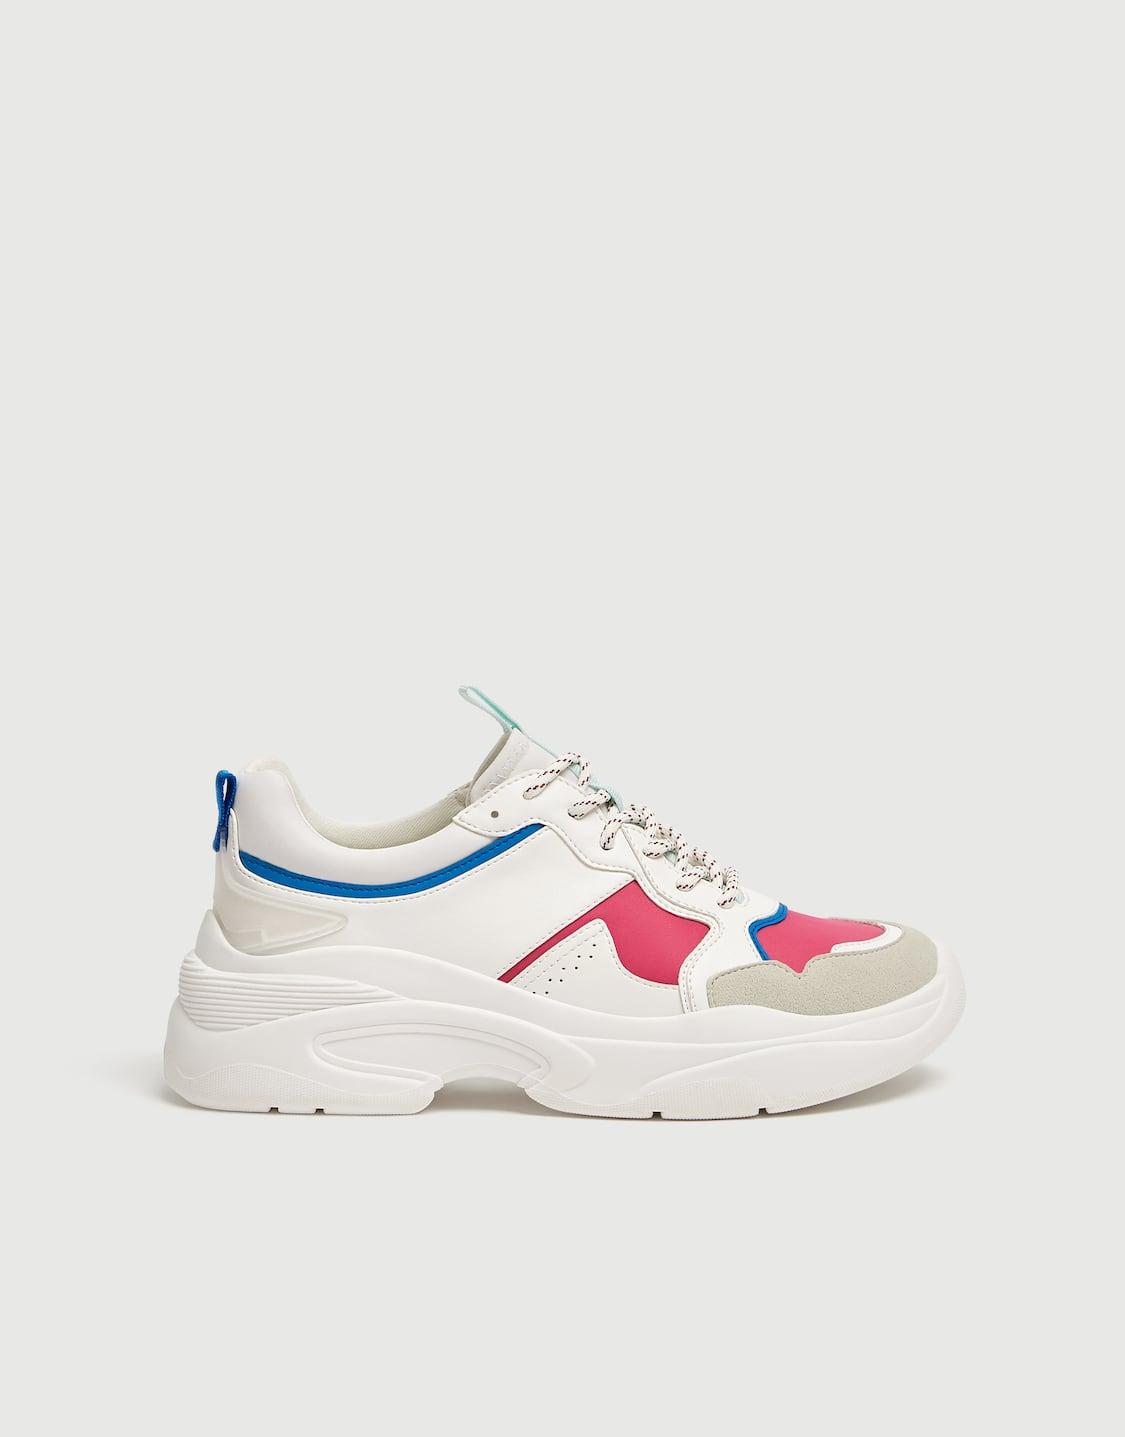 2a8c589775b Αθλητικά παπούτσια chunky από τεχνικό υλικό με χρώματα